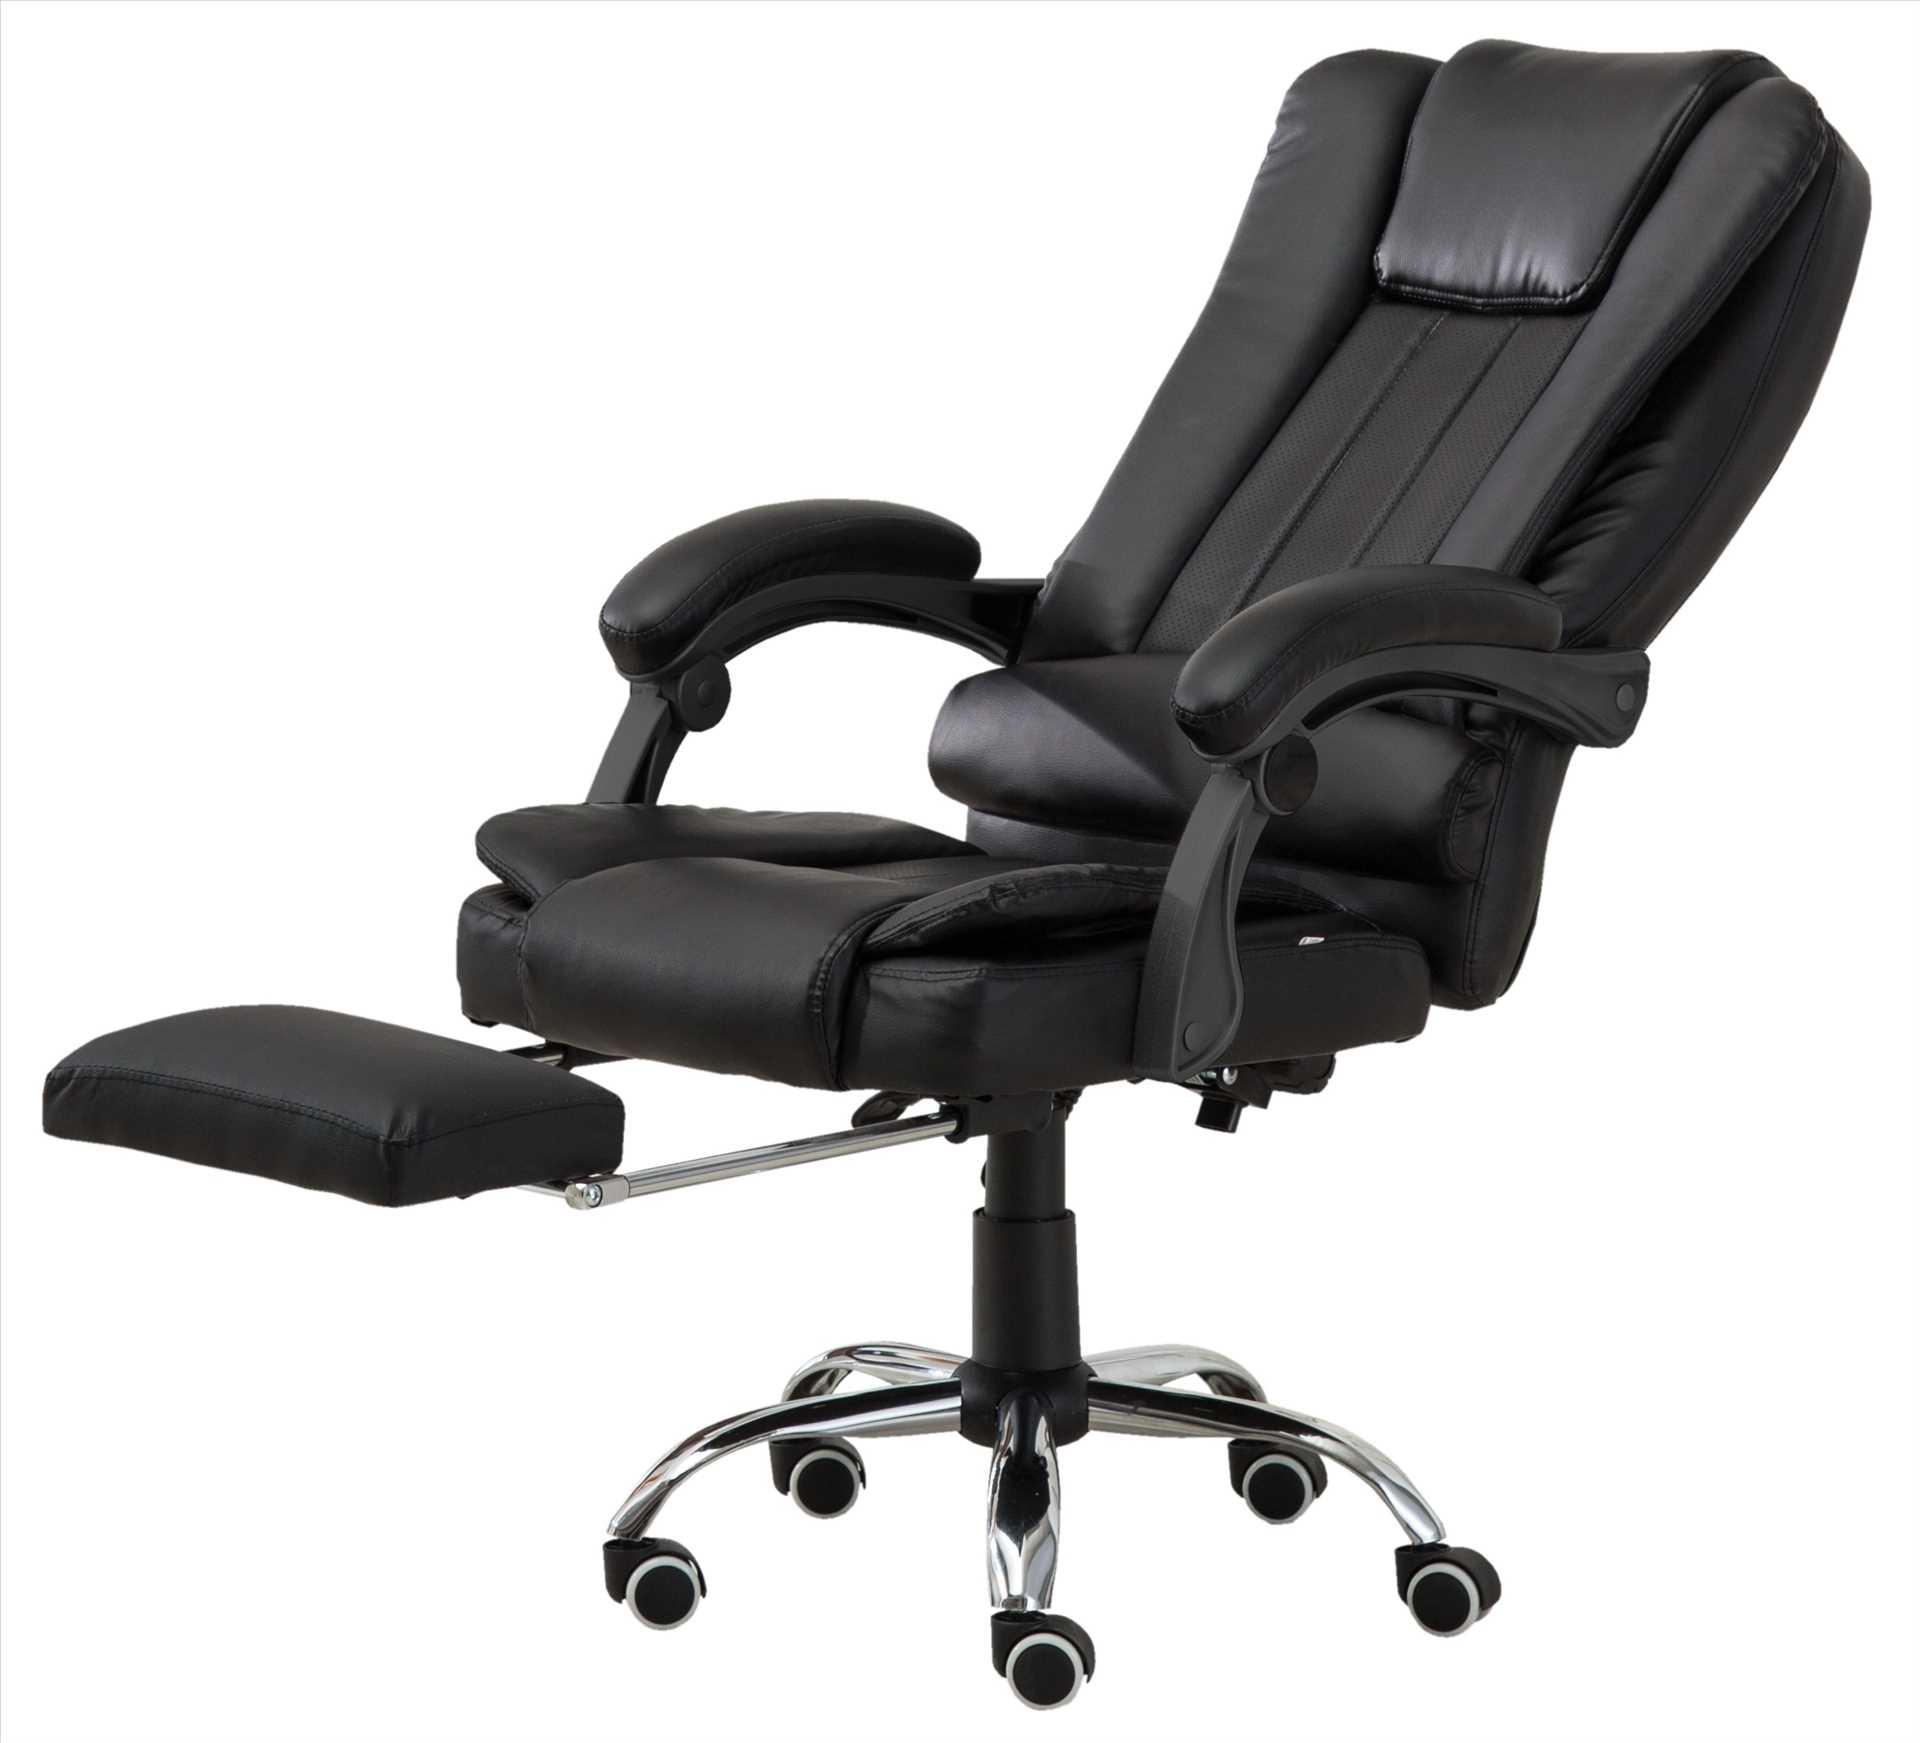 כיסא מנהלים משרדי דגם BOSS כולל הדום נשלף צבע שחור PRO TECH פרו-טק - תמונה 2